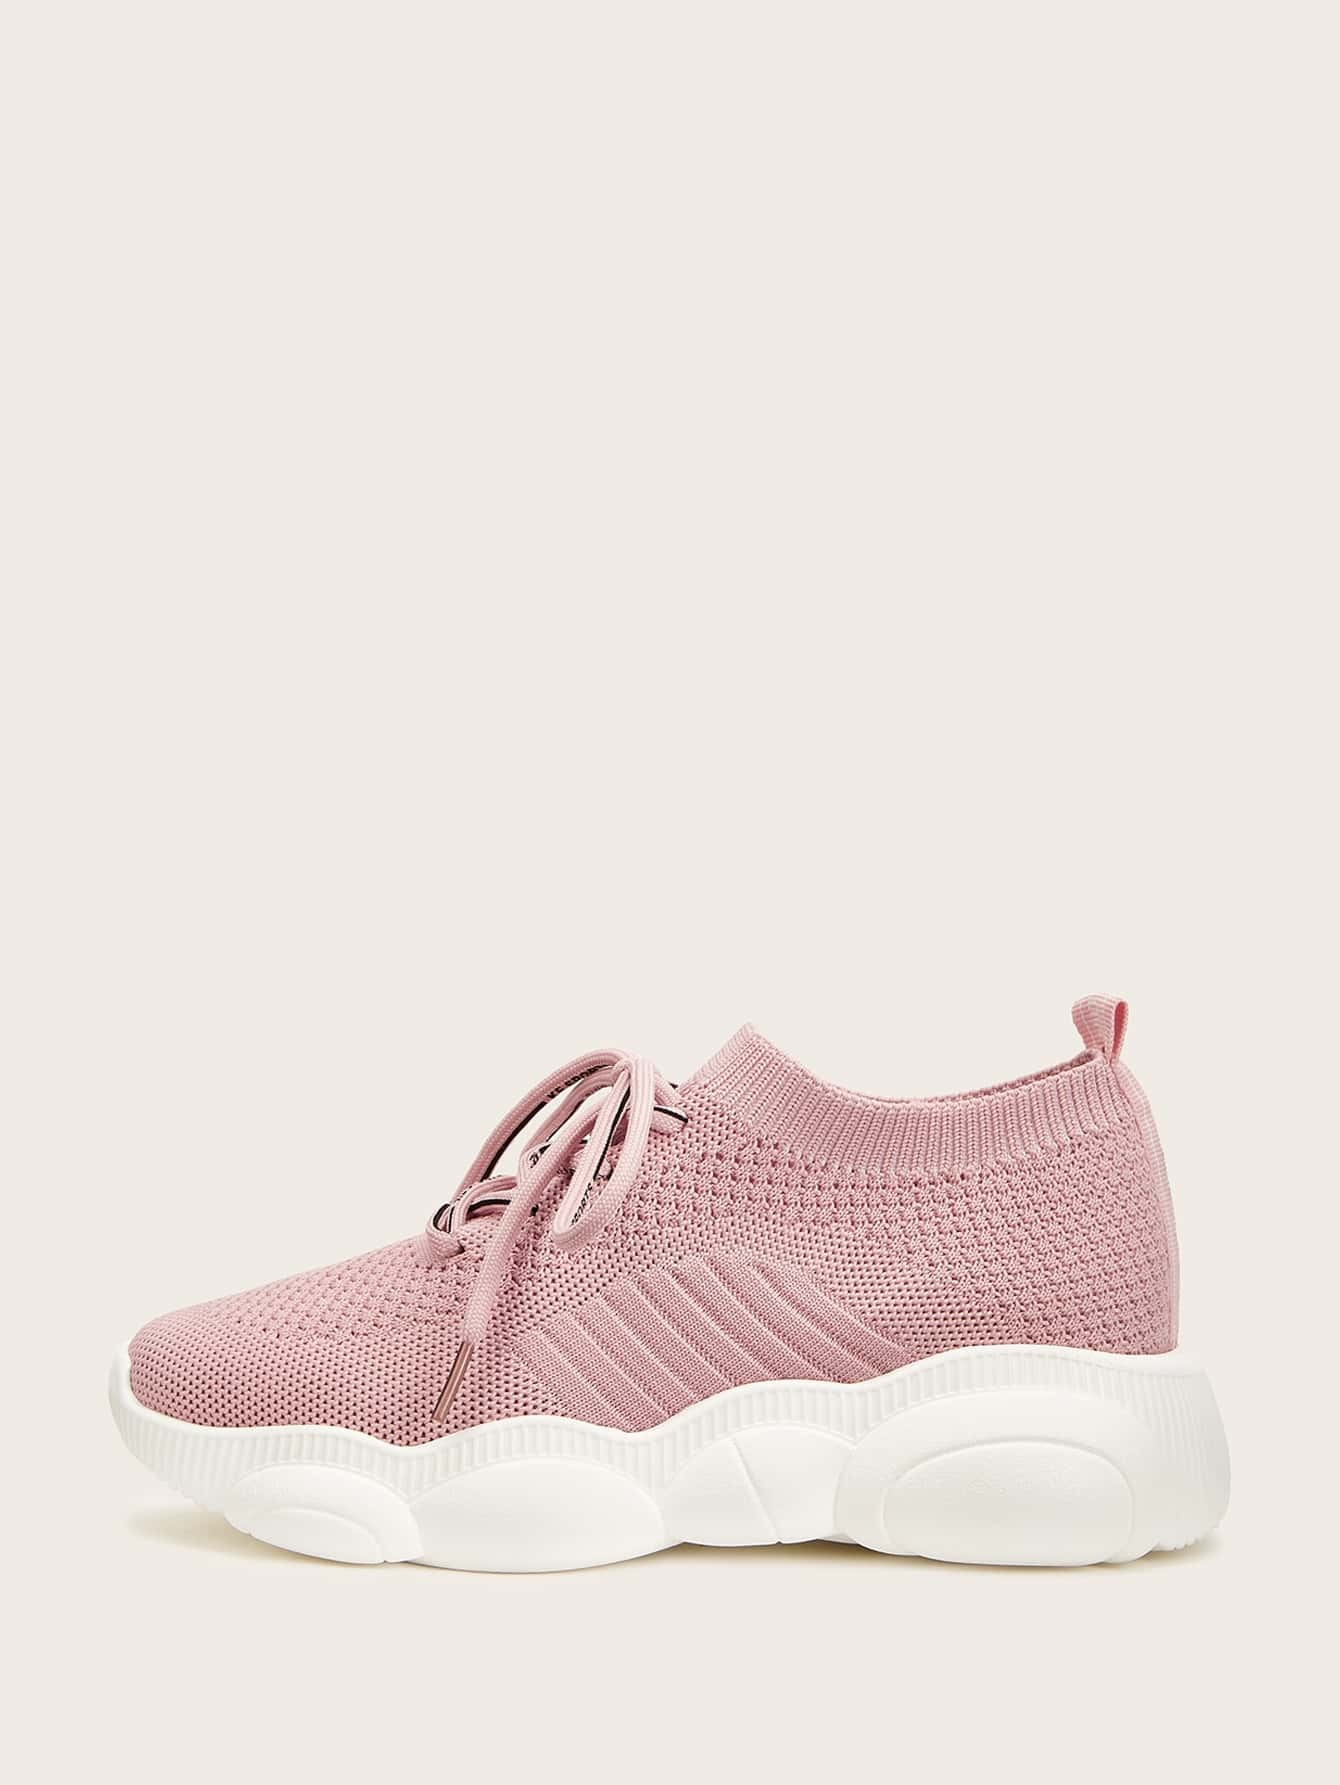 Кеды  Розовый цвета